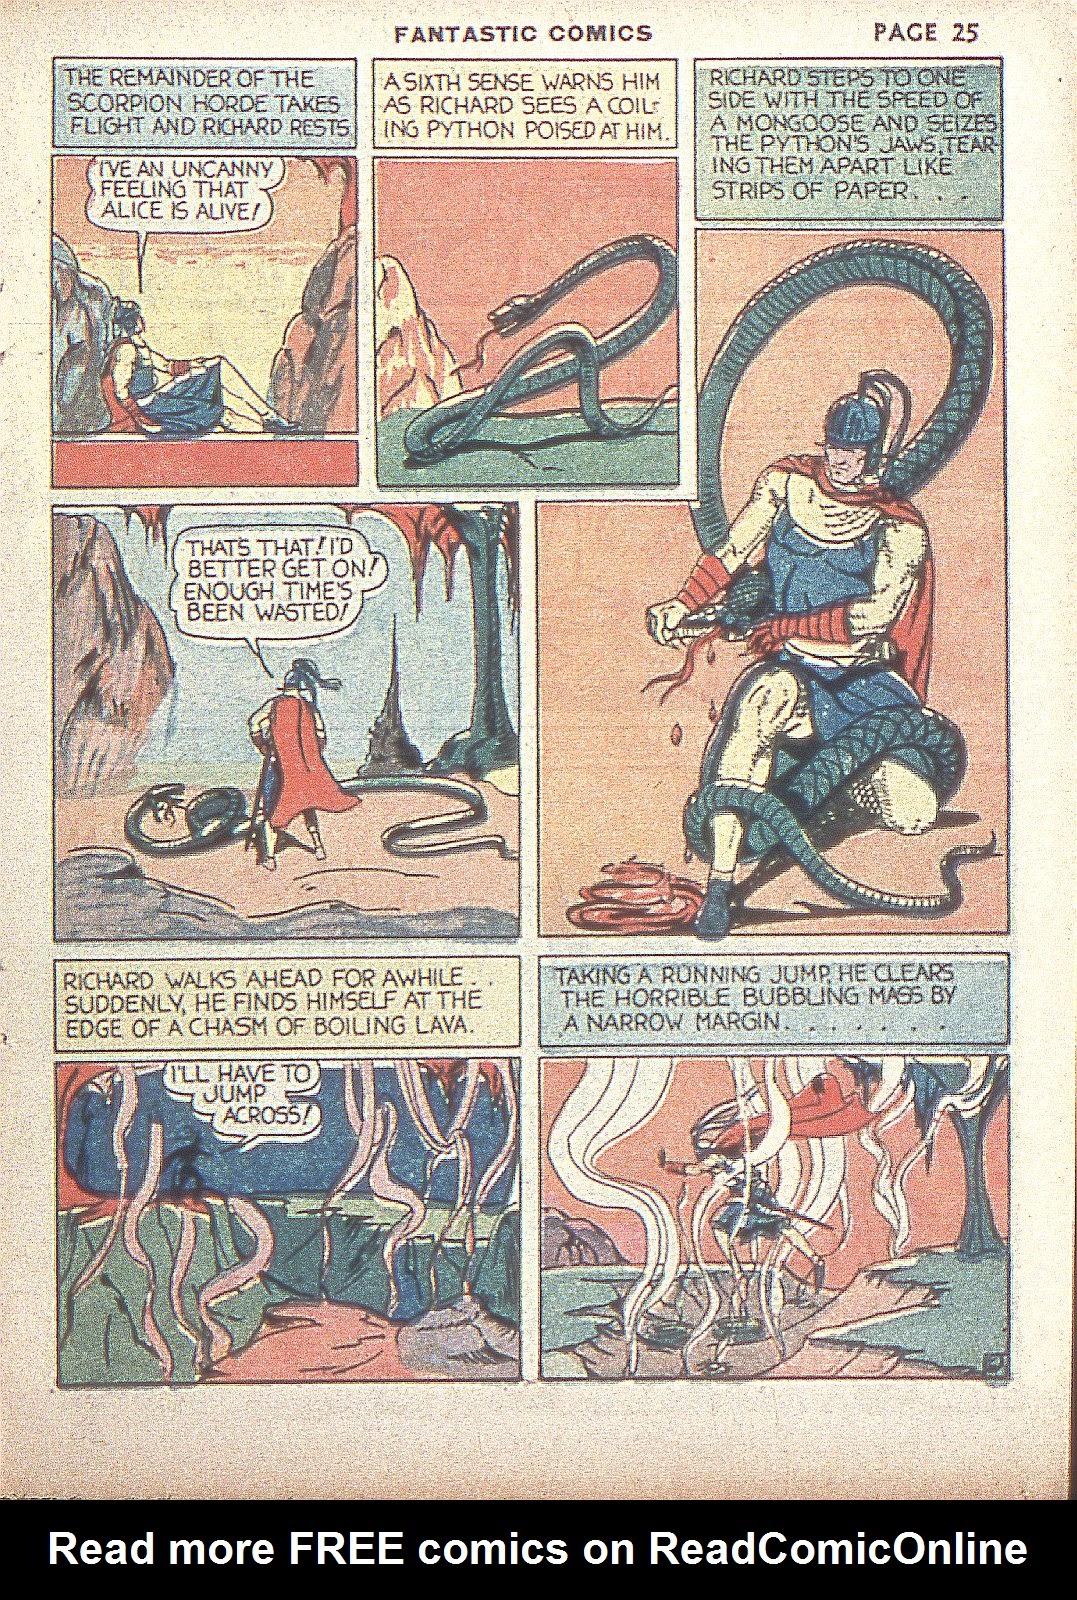 Read online Fantastic Comics comic -  Issue #4 - 27